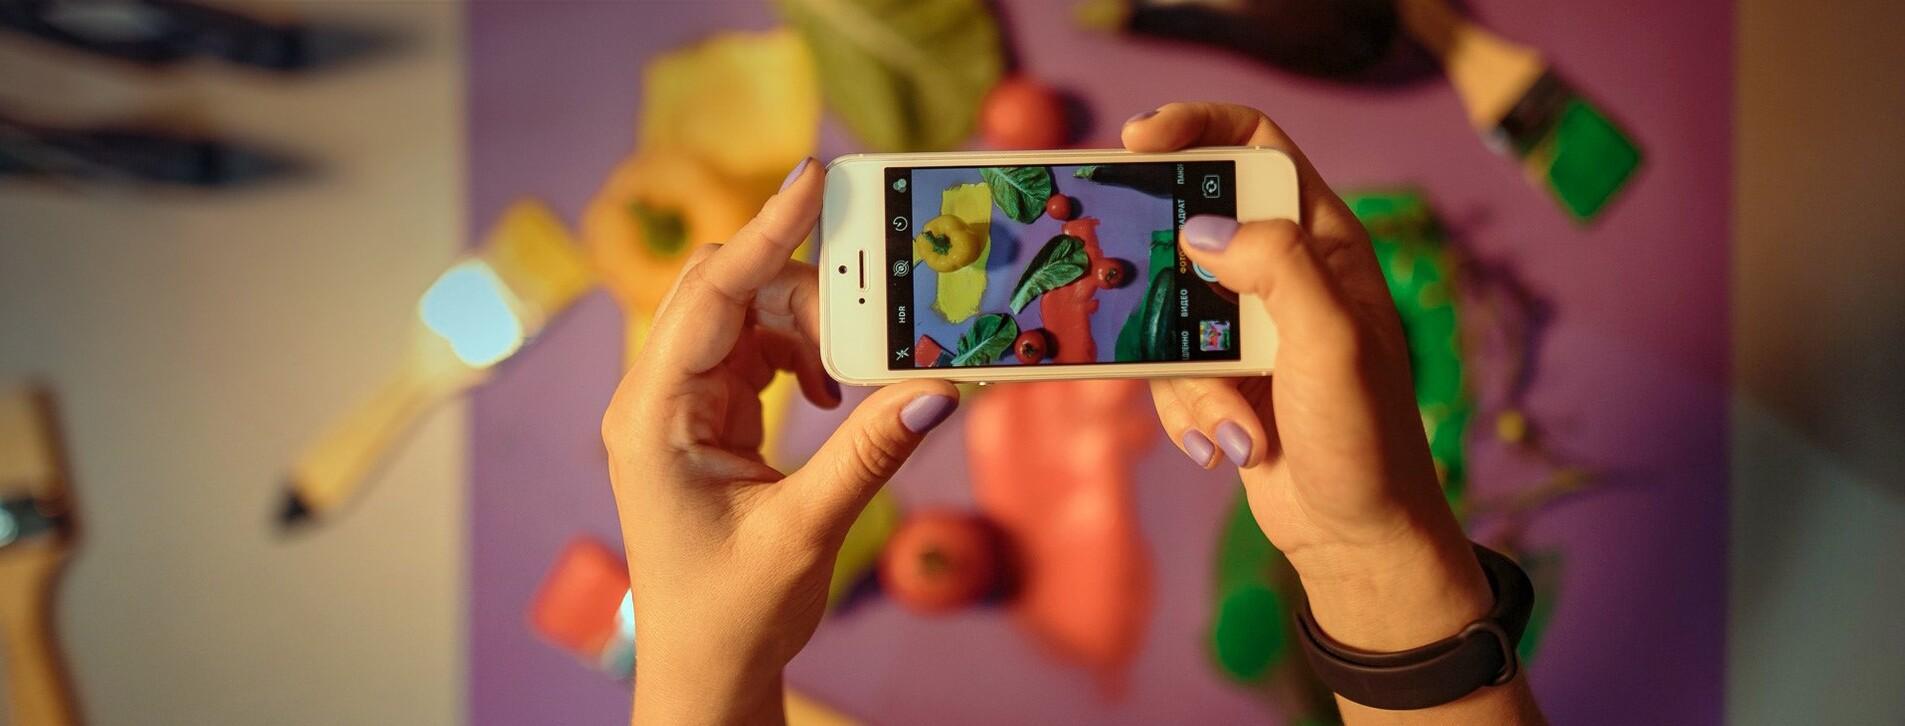 Фото 1 - Мастер-класс мобильной фотографии